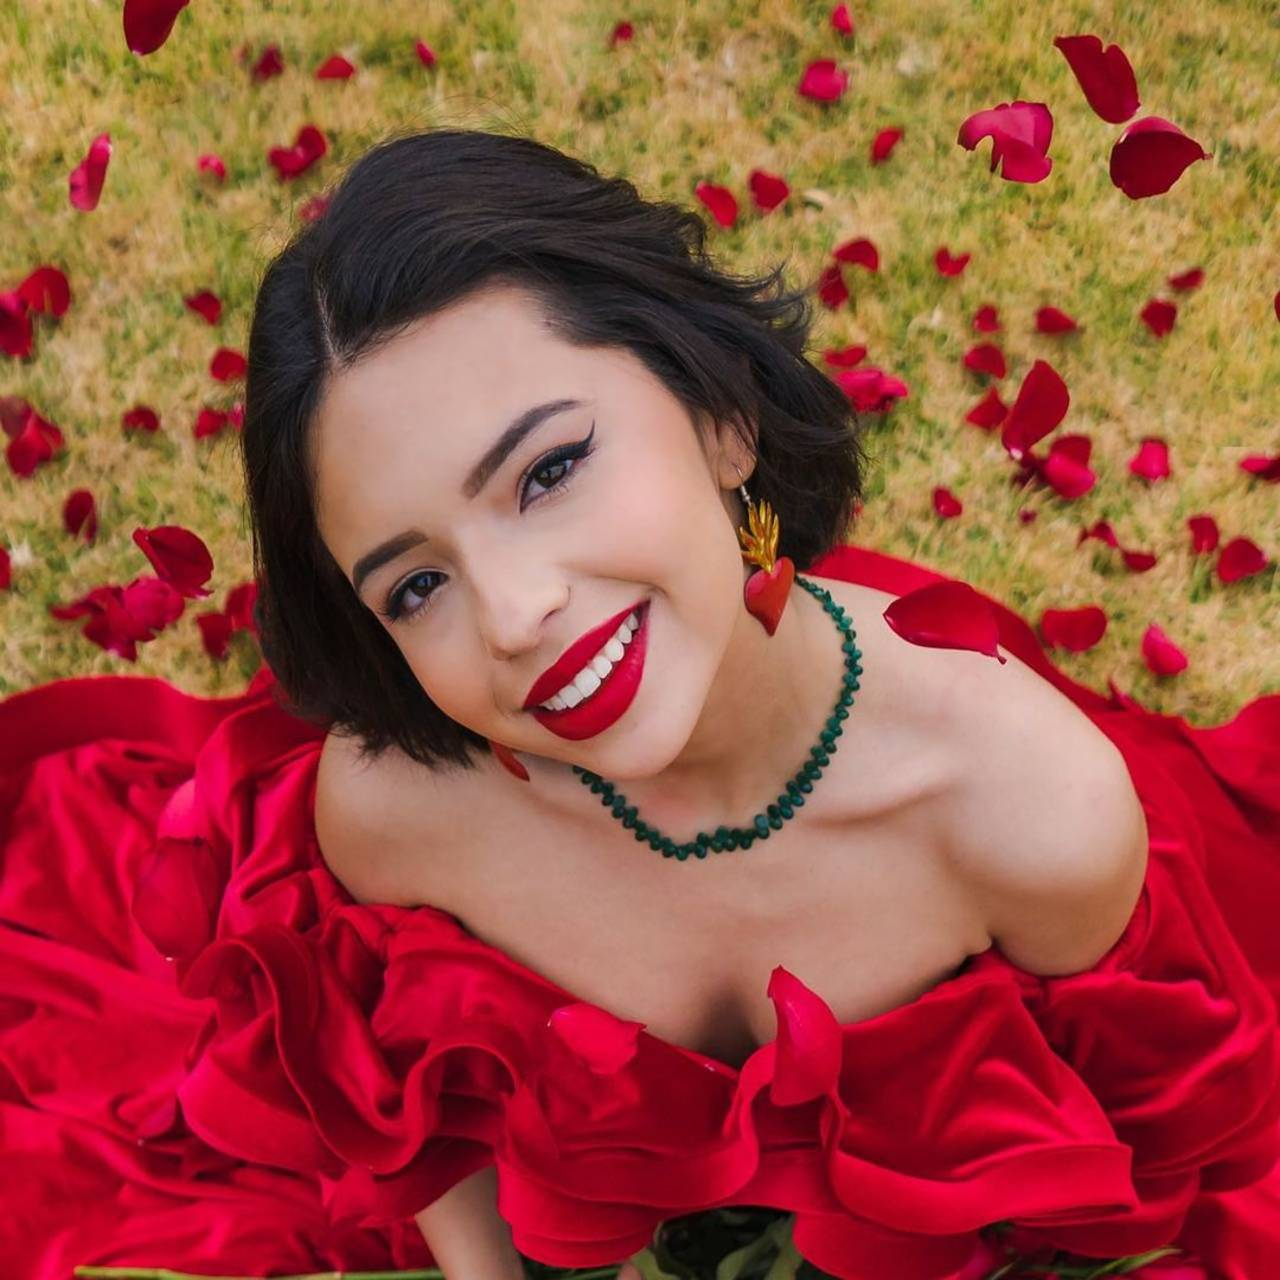 Ángela Aguilar tatuaje cara fan cantante